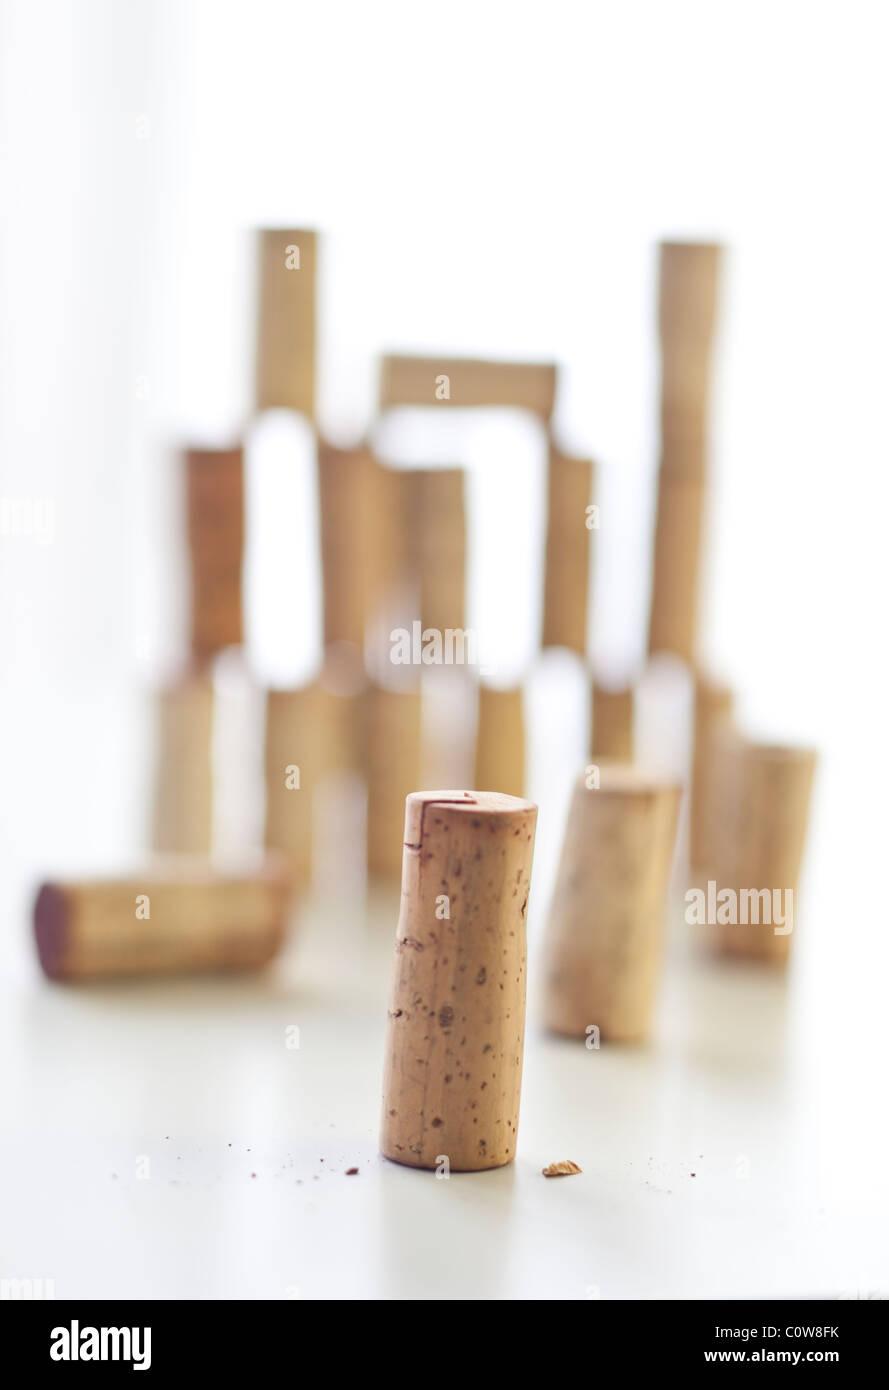 Groupe d'wine corks empilés avec un bouchon d'objectif dans l'avant-plan Photo Stock